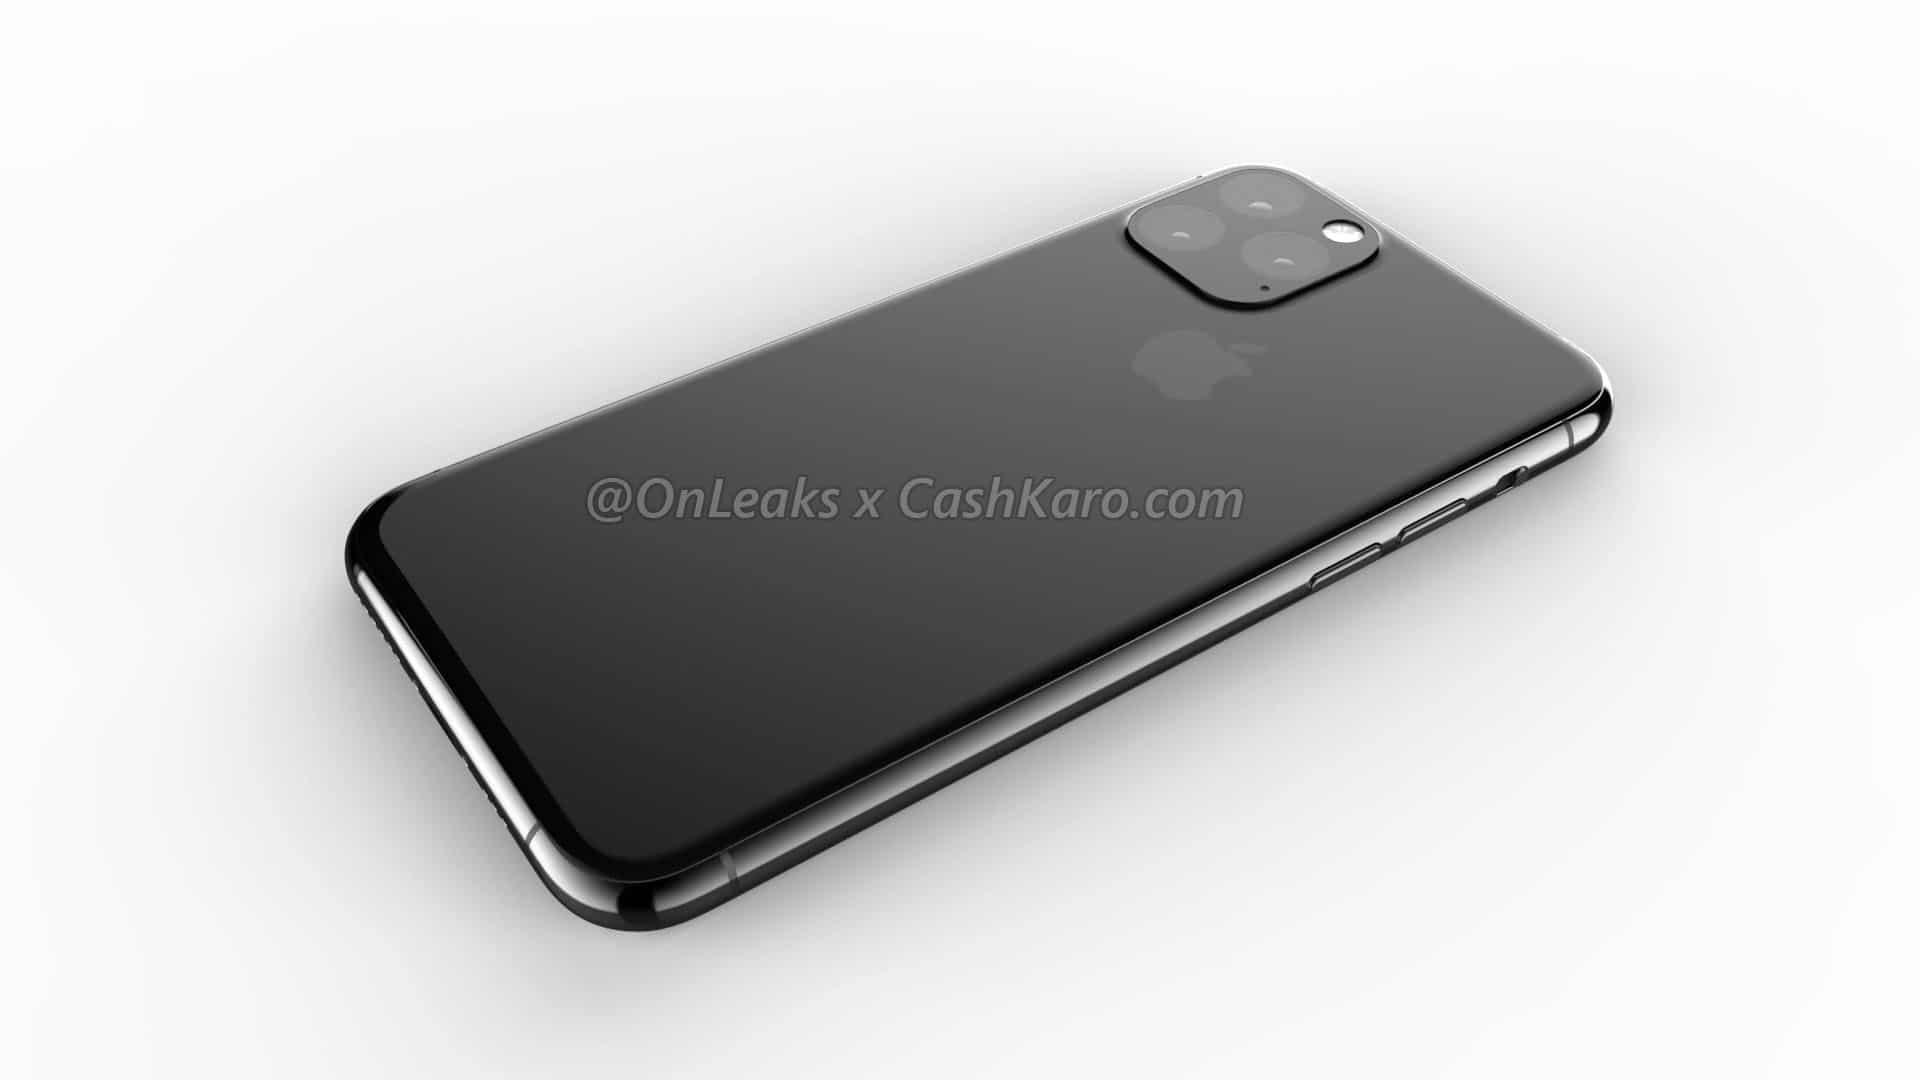 เผยภาพเรนเดอร์ iPhone XI ด้านหน้าเหมือนเดิม ด้านหลังใช้กล้อง 3 ตัว 4